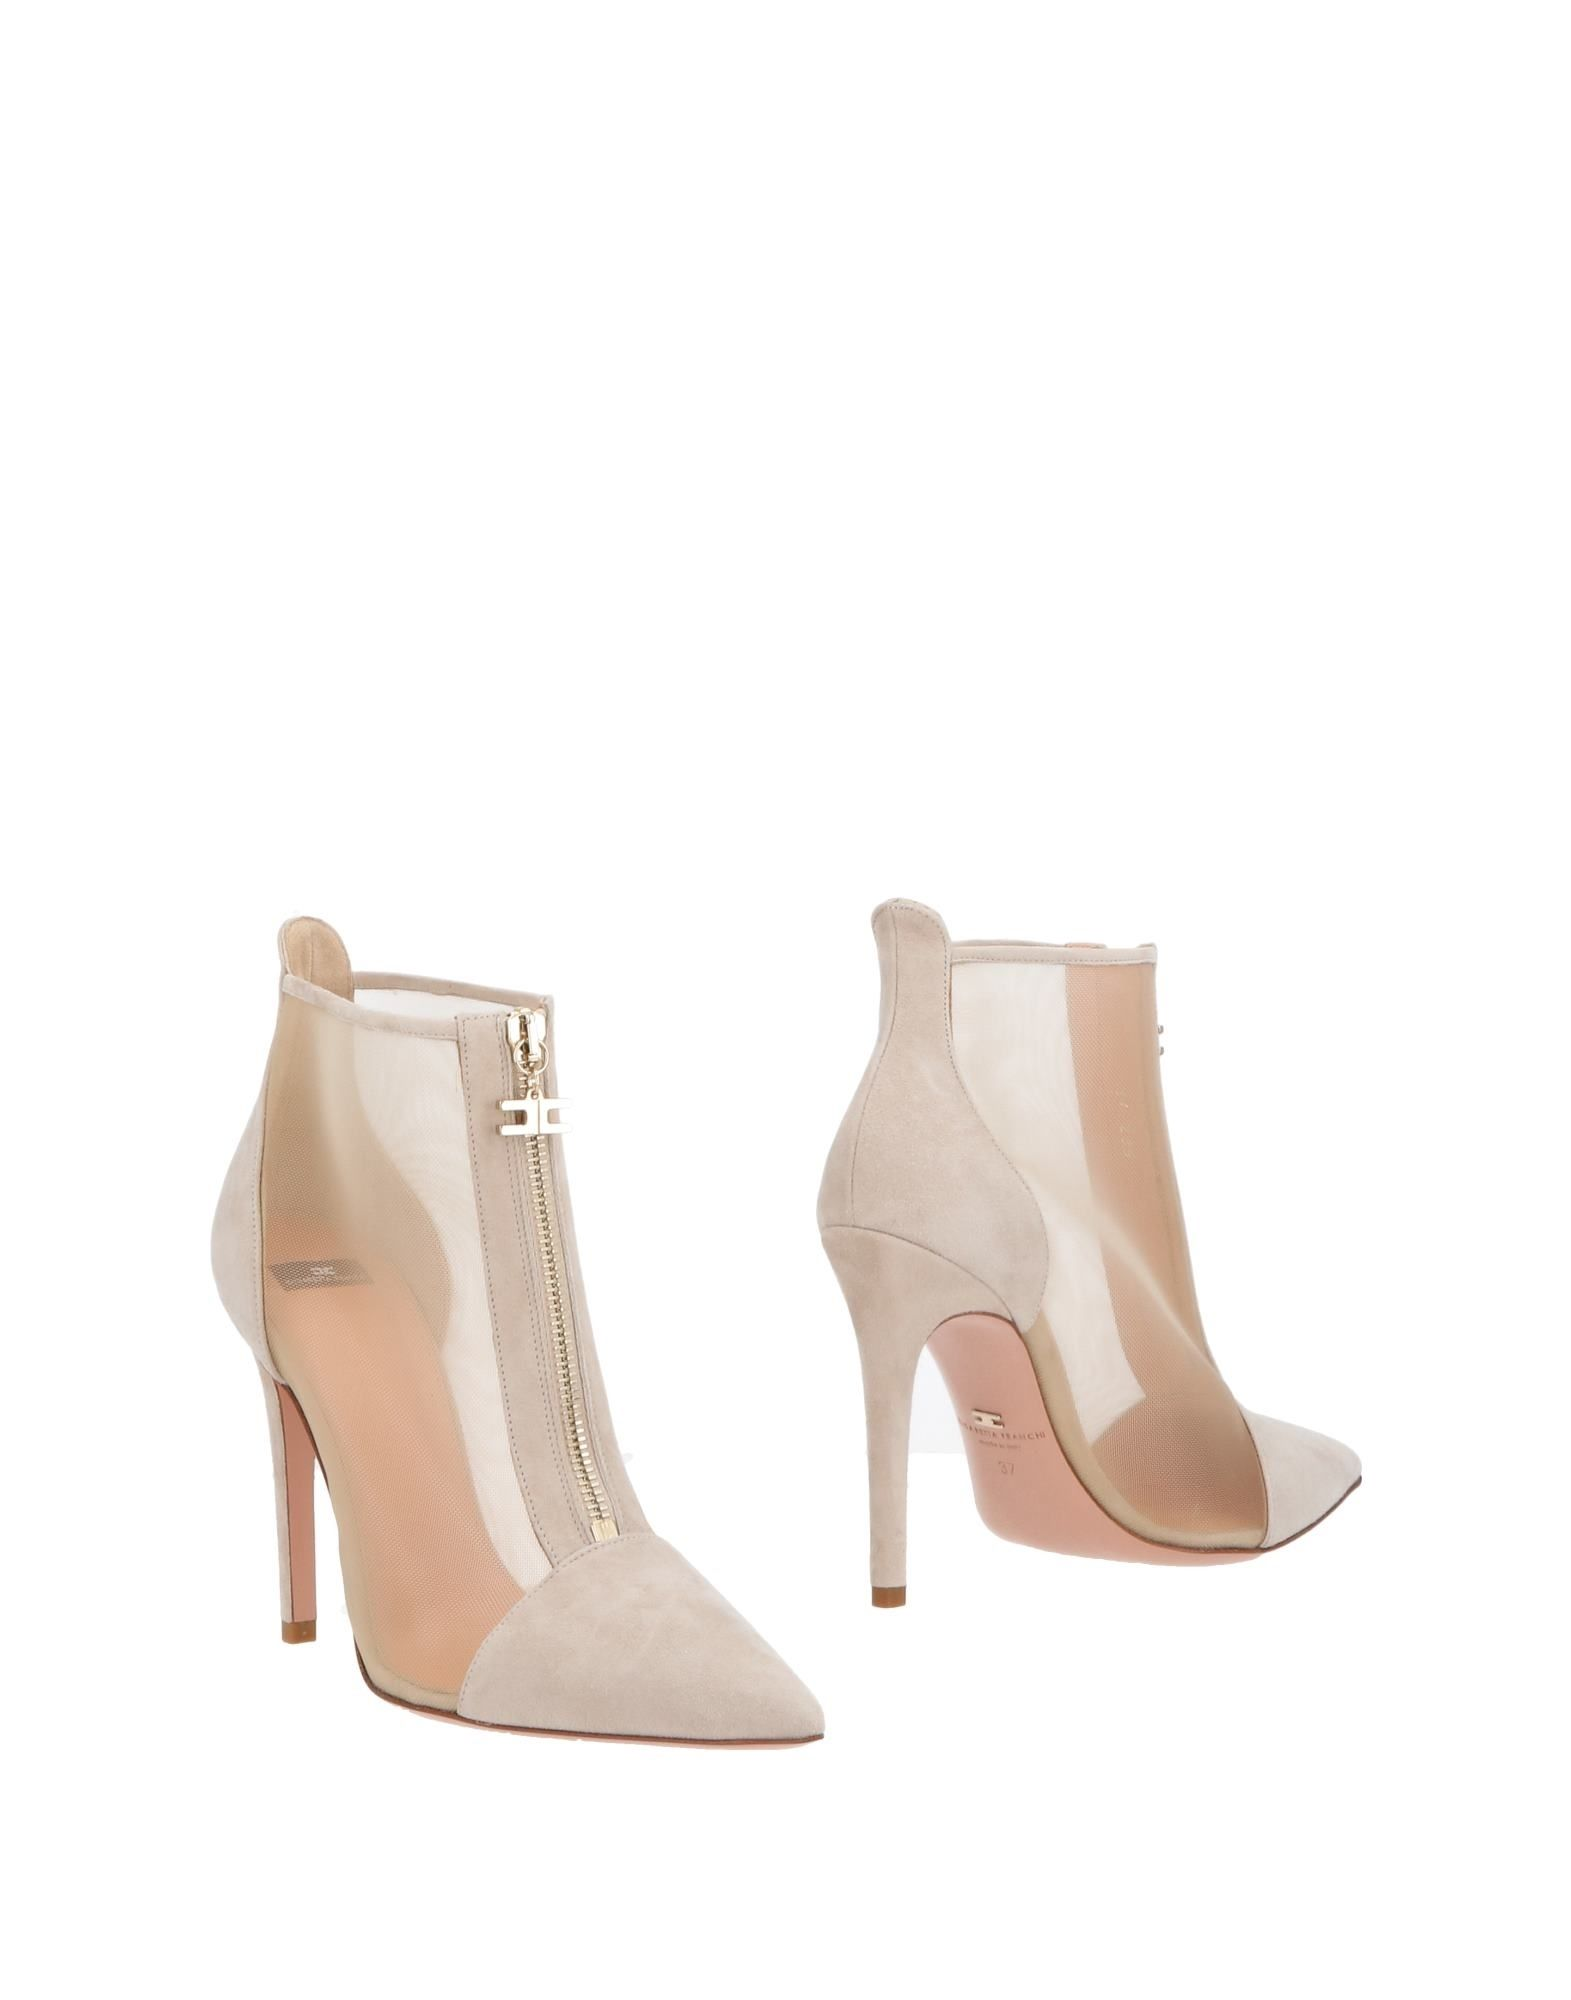 Elisabetta Franchi Stiefelette Damen  11492007TVGut aussehende strapazierfähige Schuhe